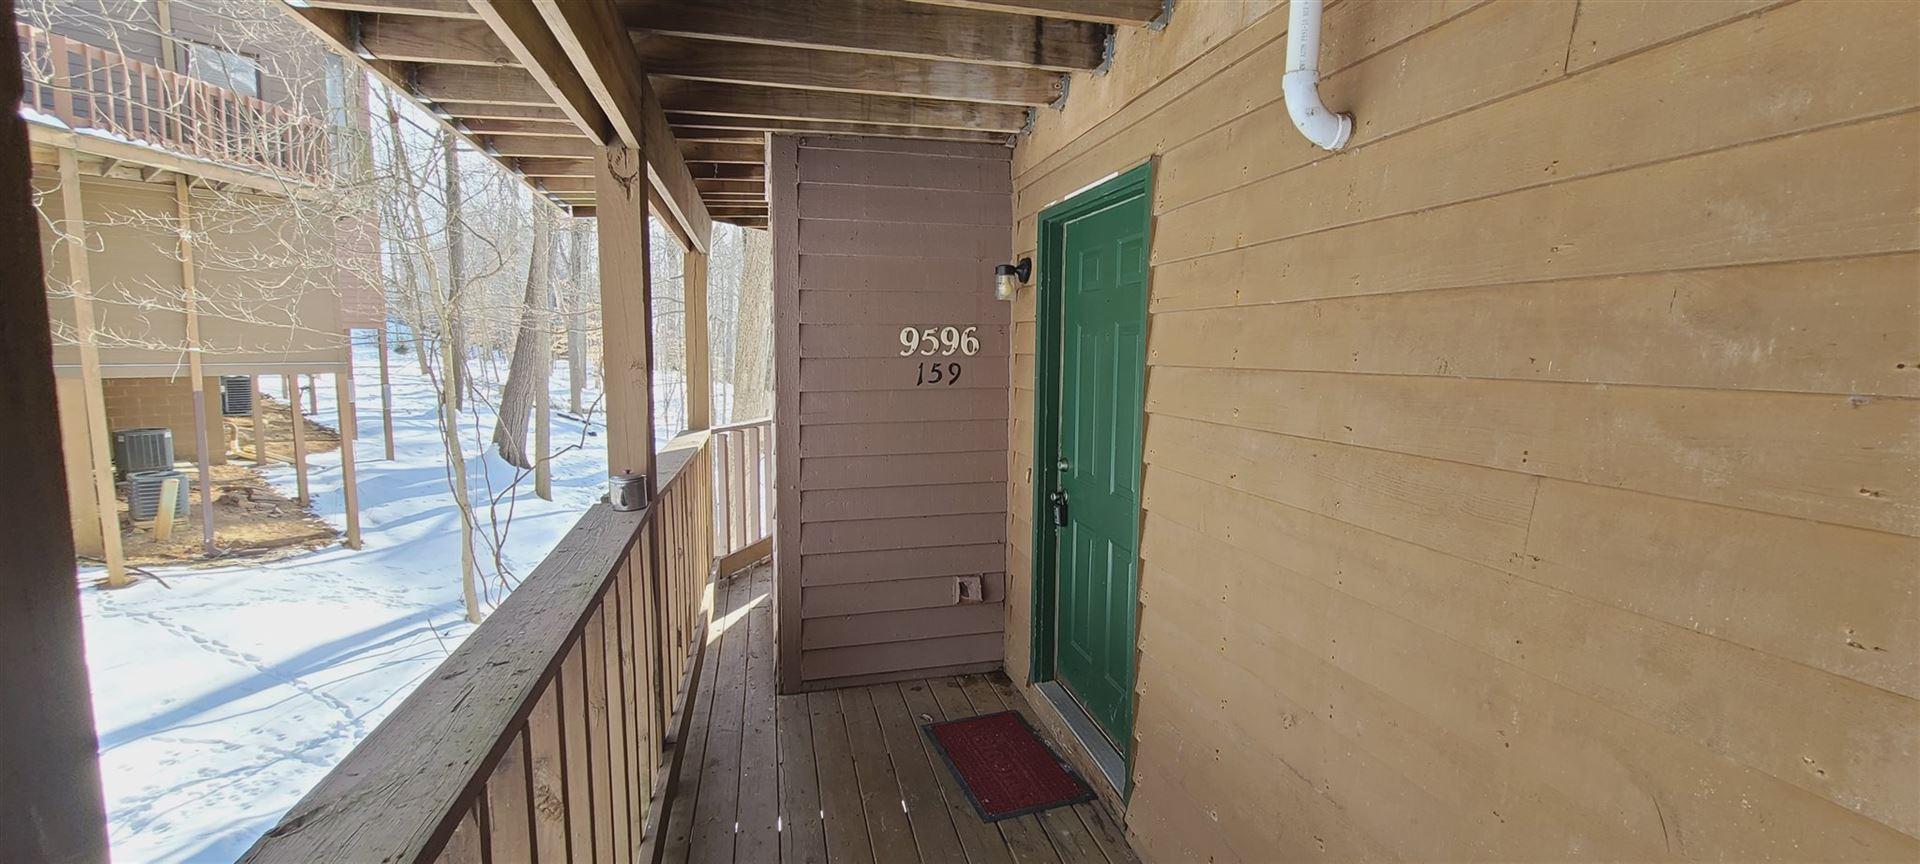 9596 S Lake Ridge Drive #159, Bloomington, IN 47401 - #: 202105524